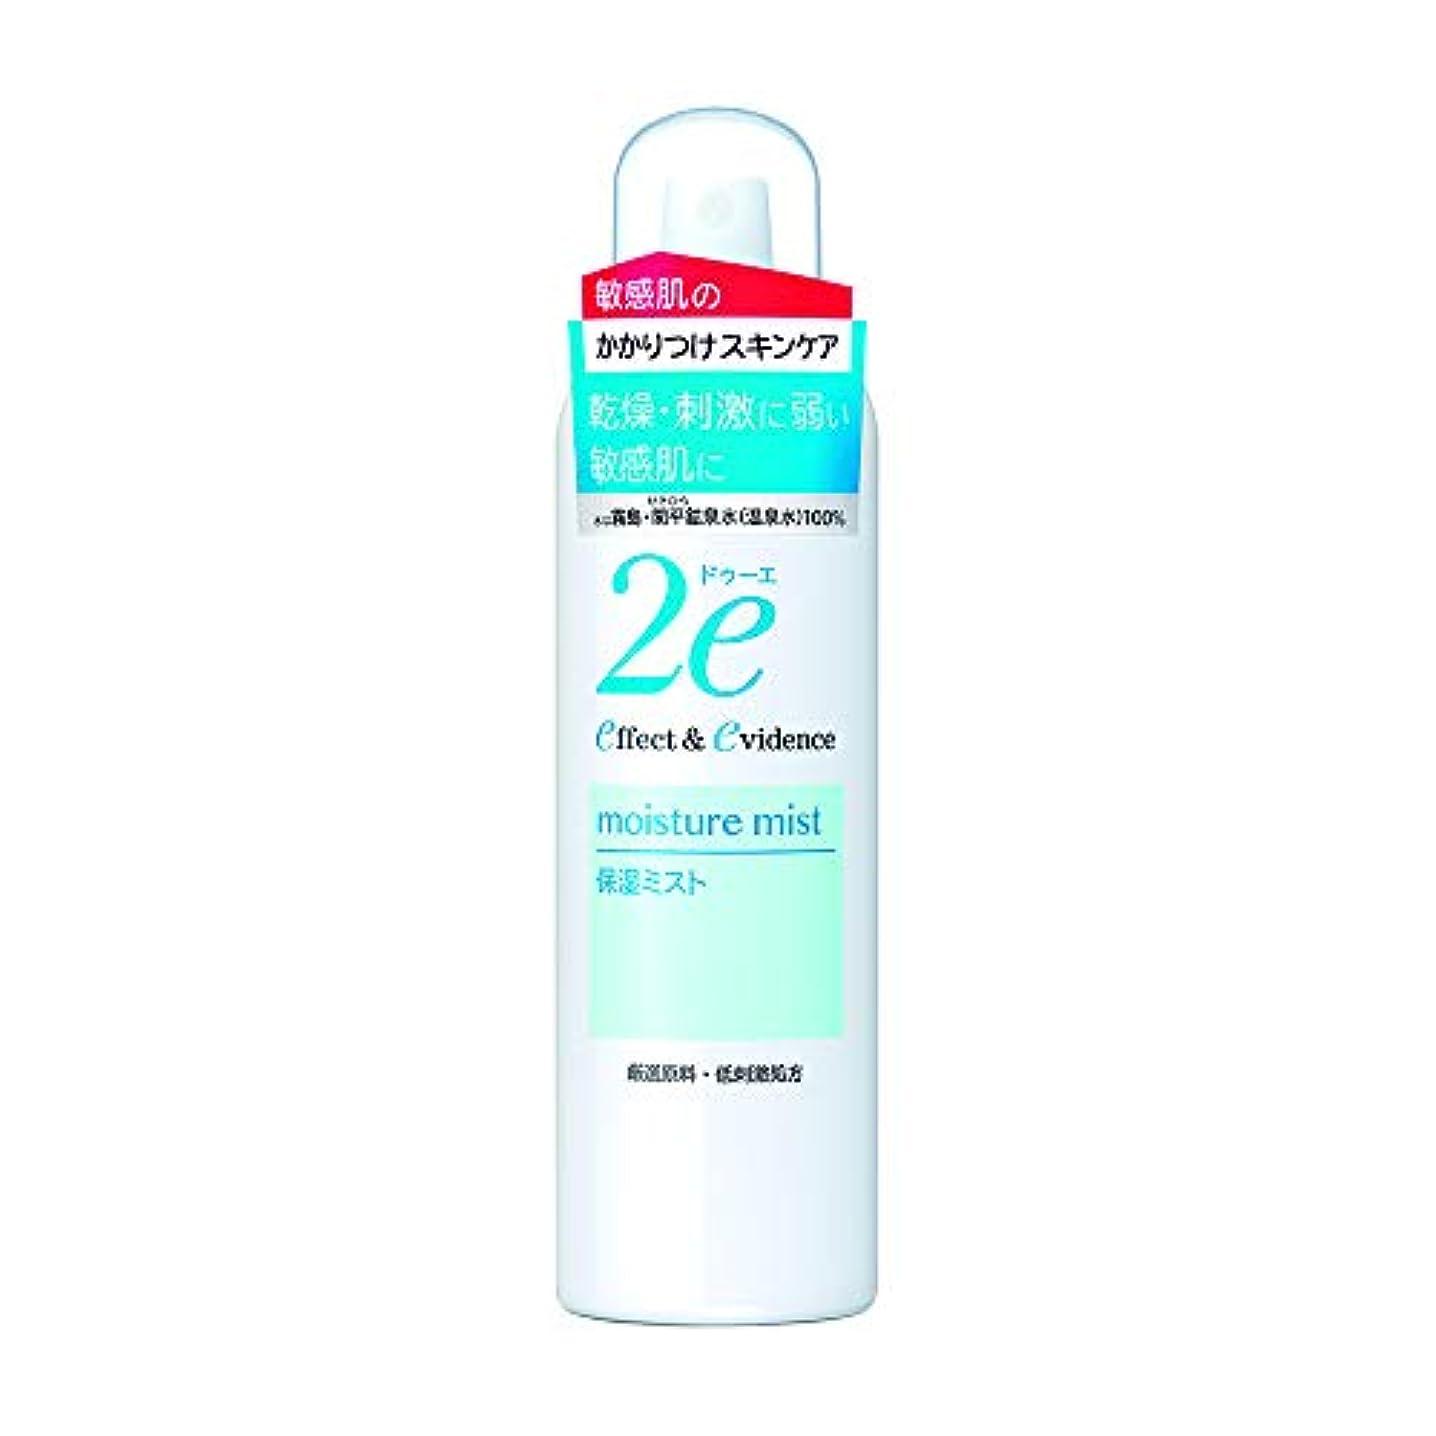 必須必要とする過半数2e(ドゥーエ) 保湿ミスト 敏感肌用化粧水 スプレータイプ 低刺激処方 180g